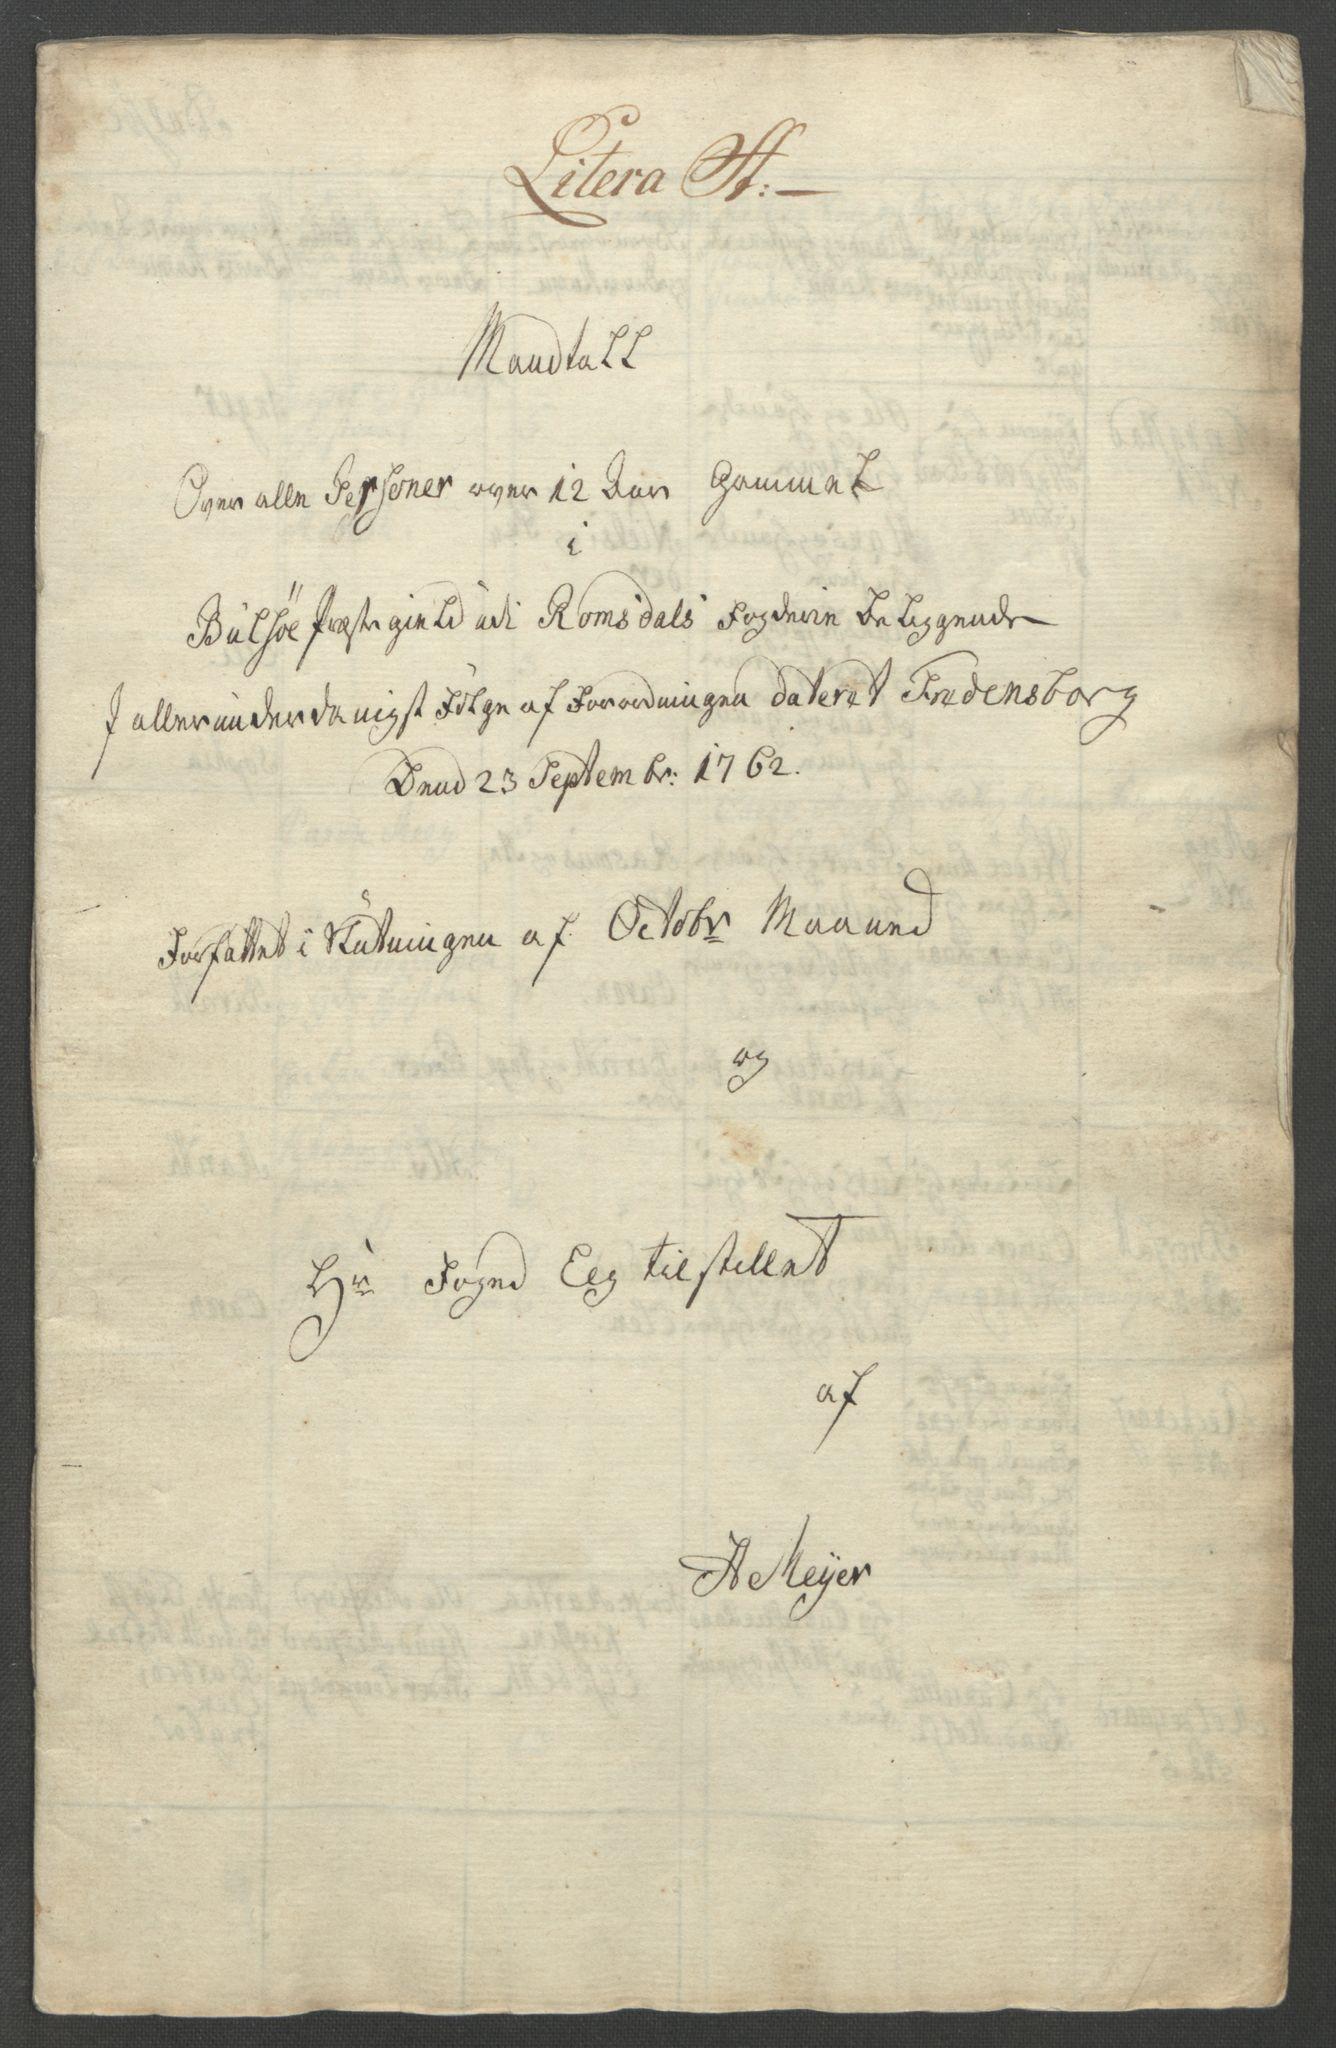 RA, Rentekammeret inntil 1814, Reviderte regnskaper, Fogderegnskap, R55/L3730: Ekstraskatten Romsdal, 1762-1763, s. 153